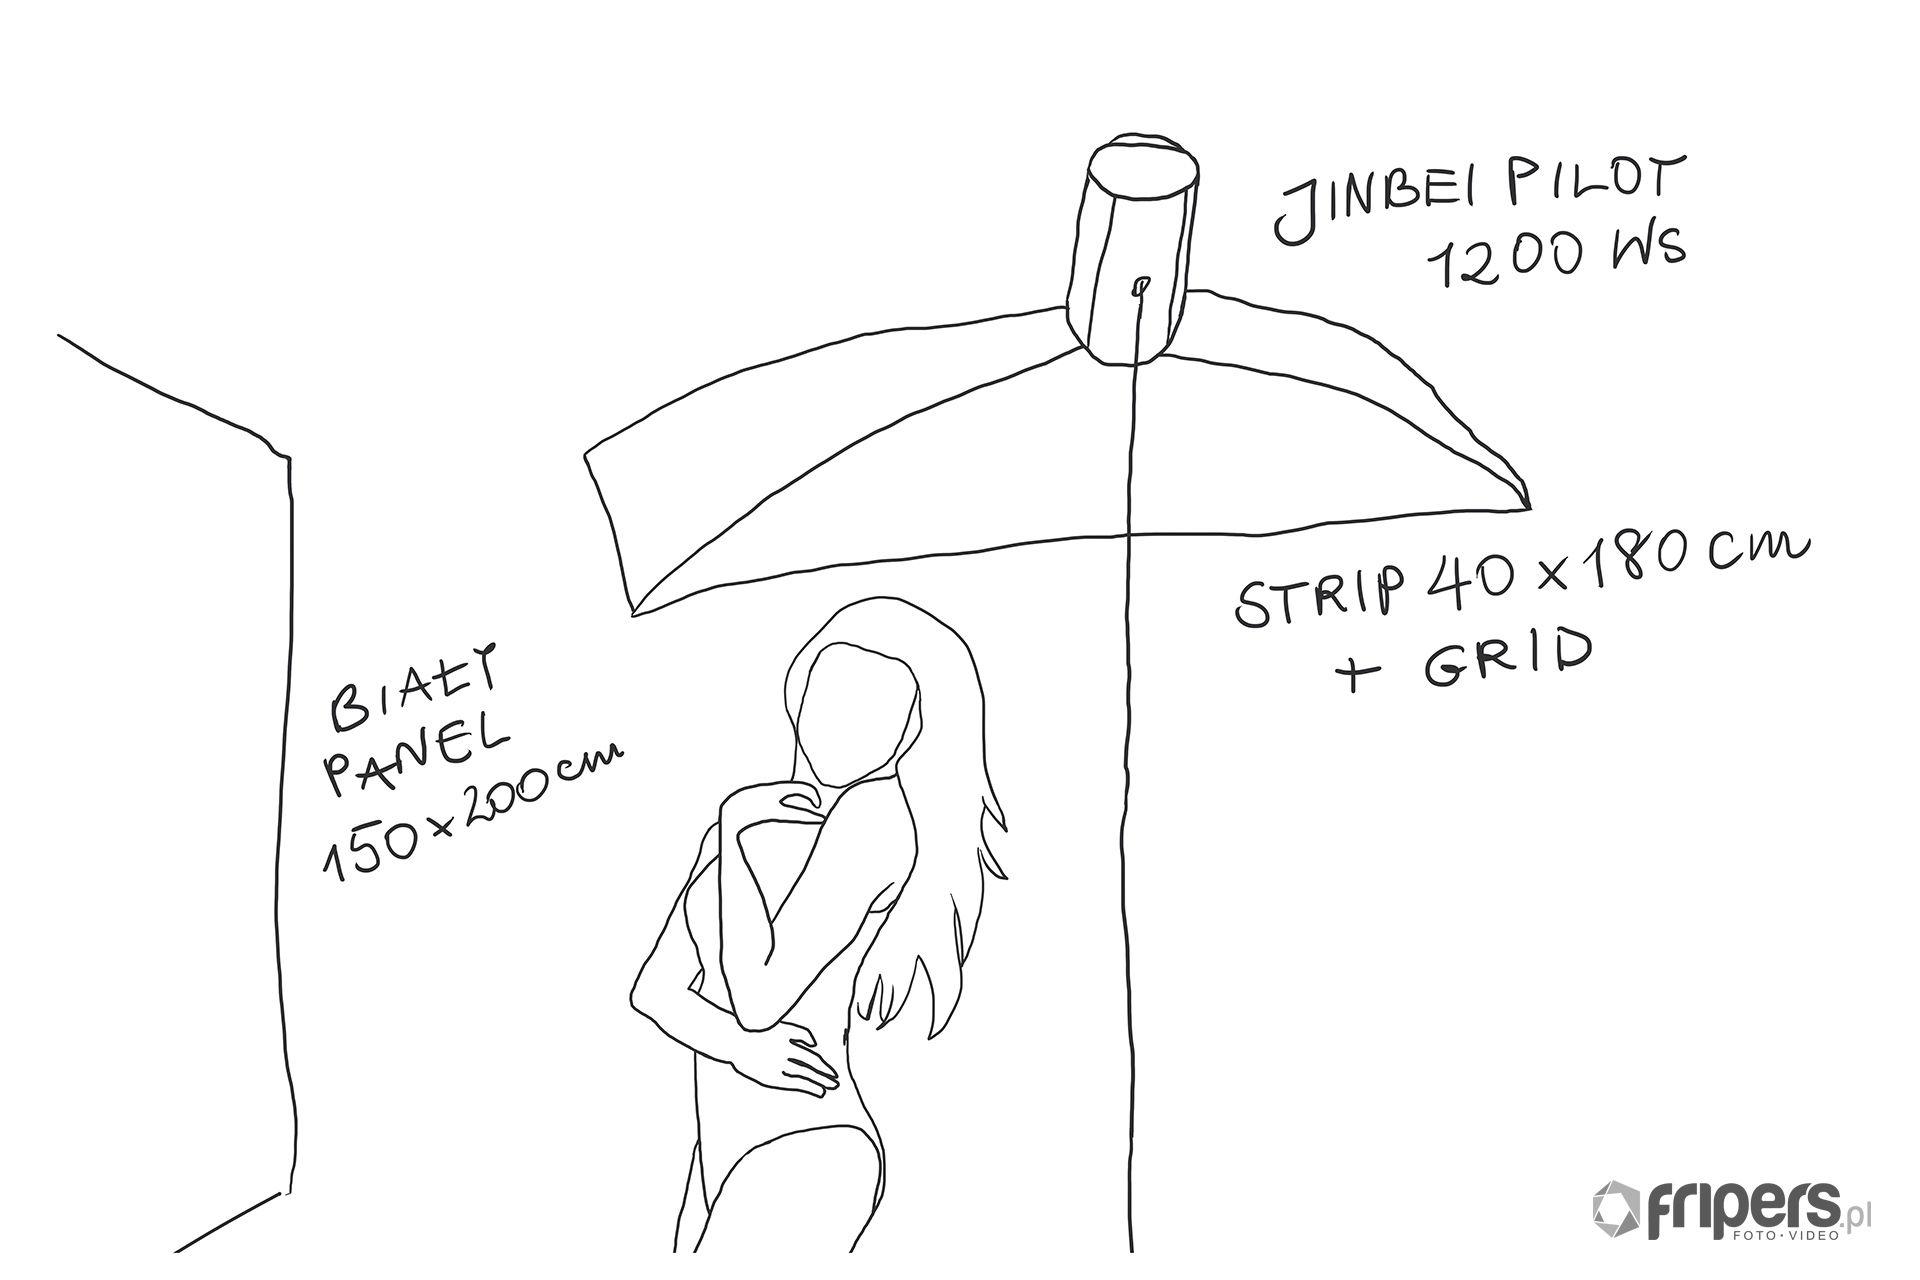 oświetlenie portretu - jedna lampa i strip / schemat 2